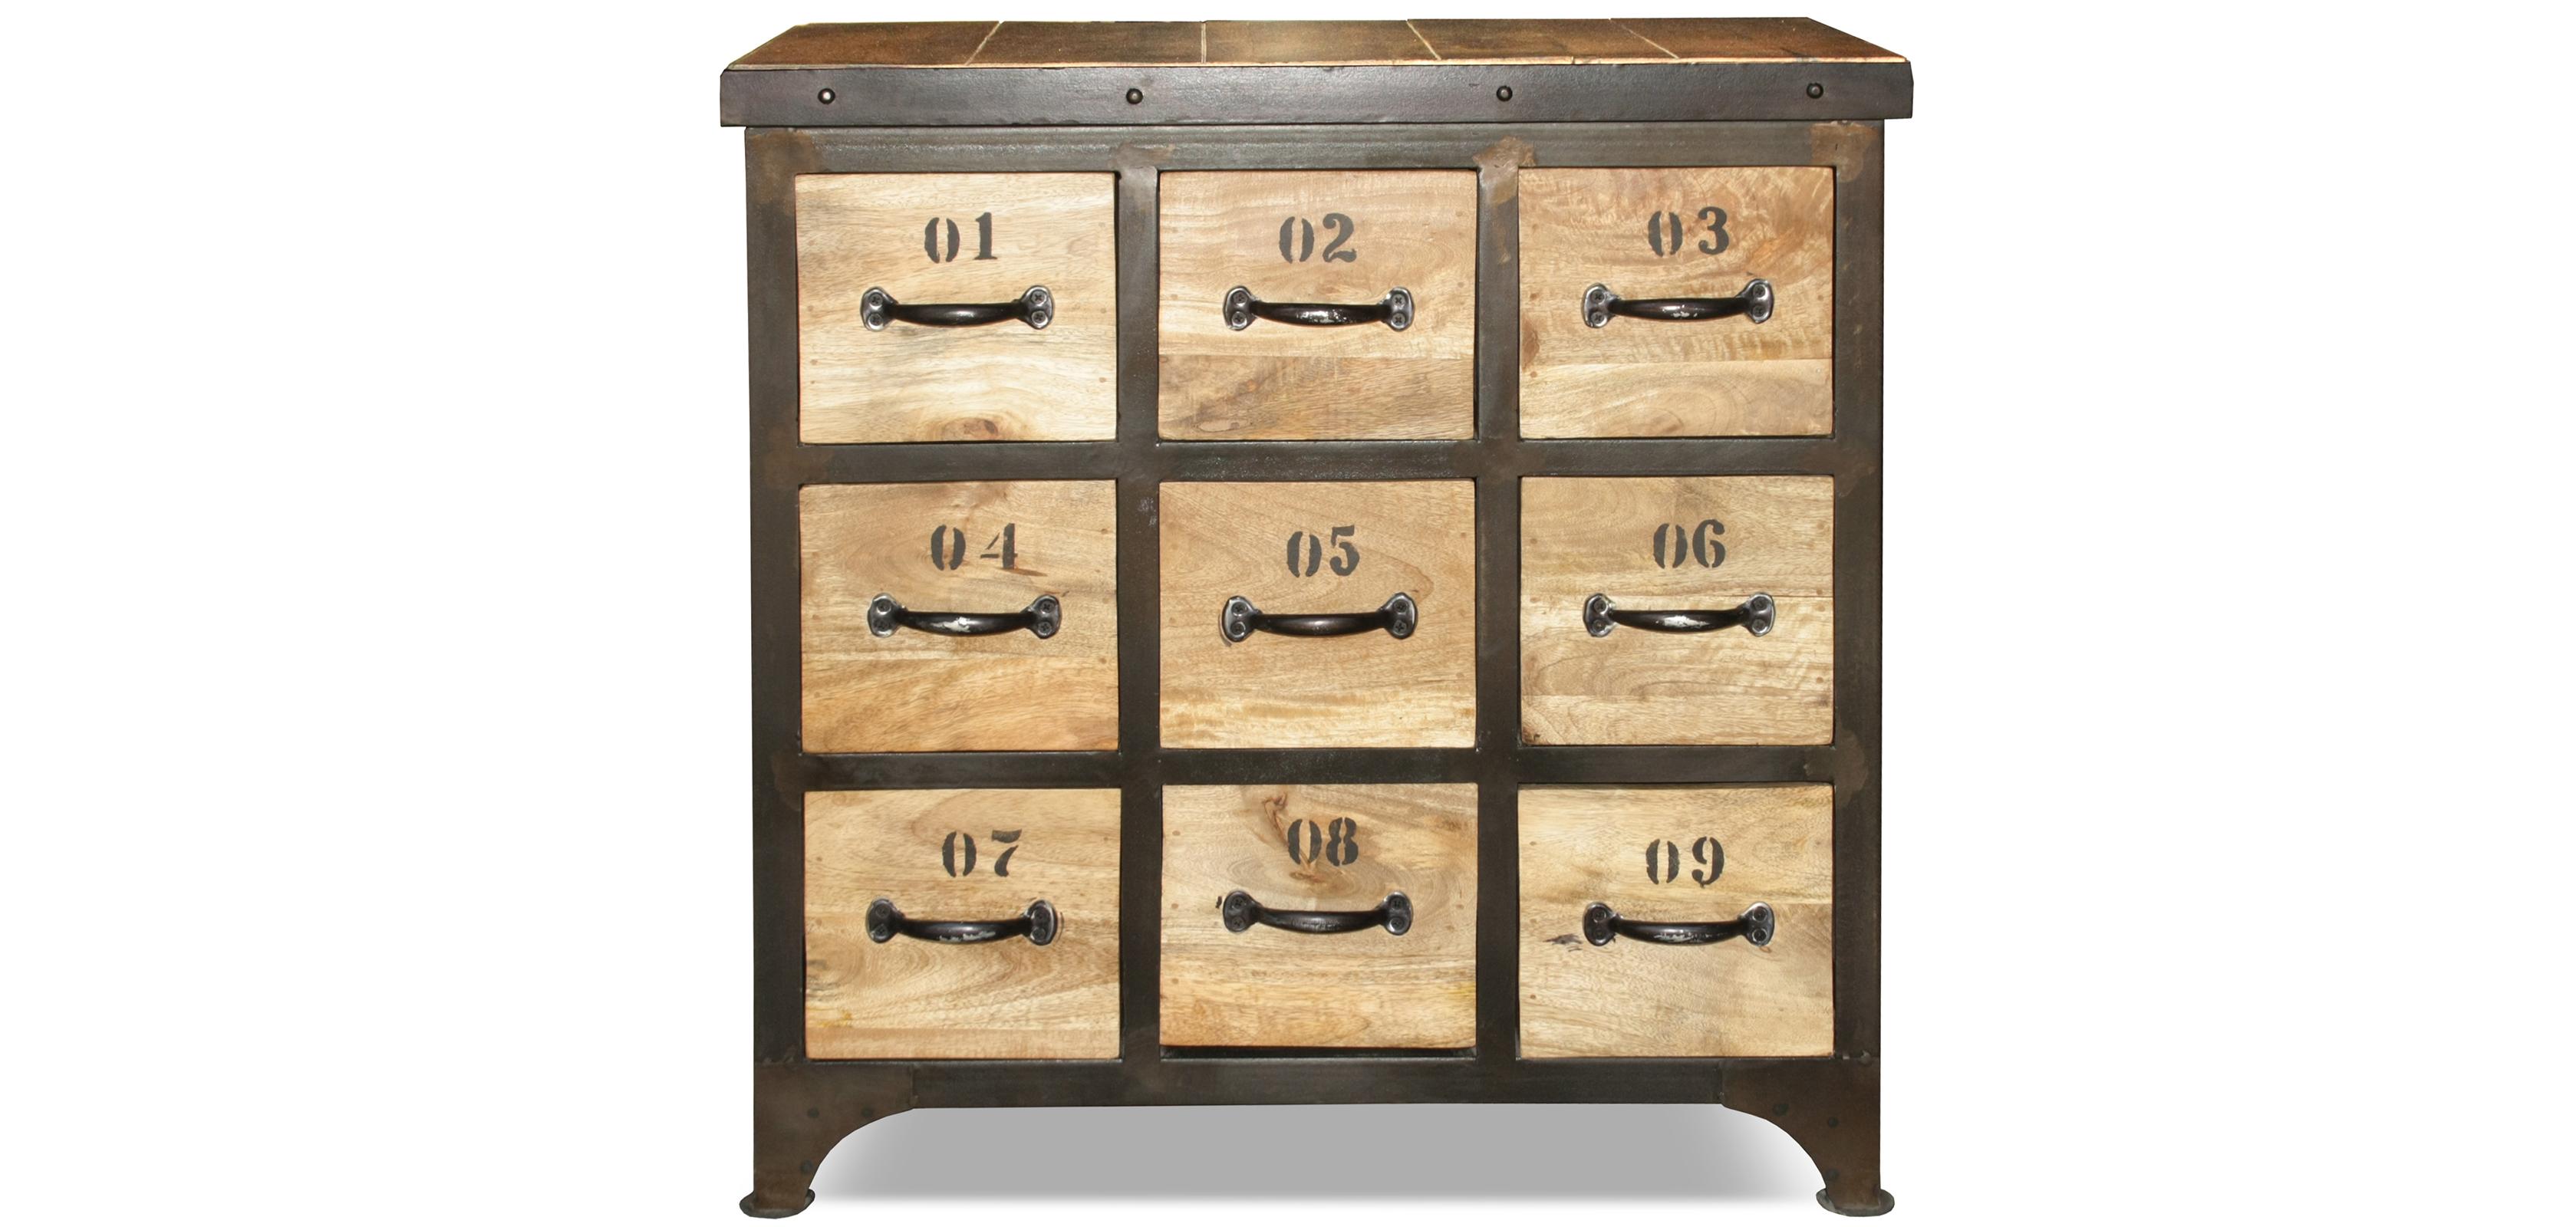 Commode Vintage industriel - Bois - 9 tiroirs